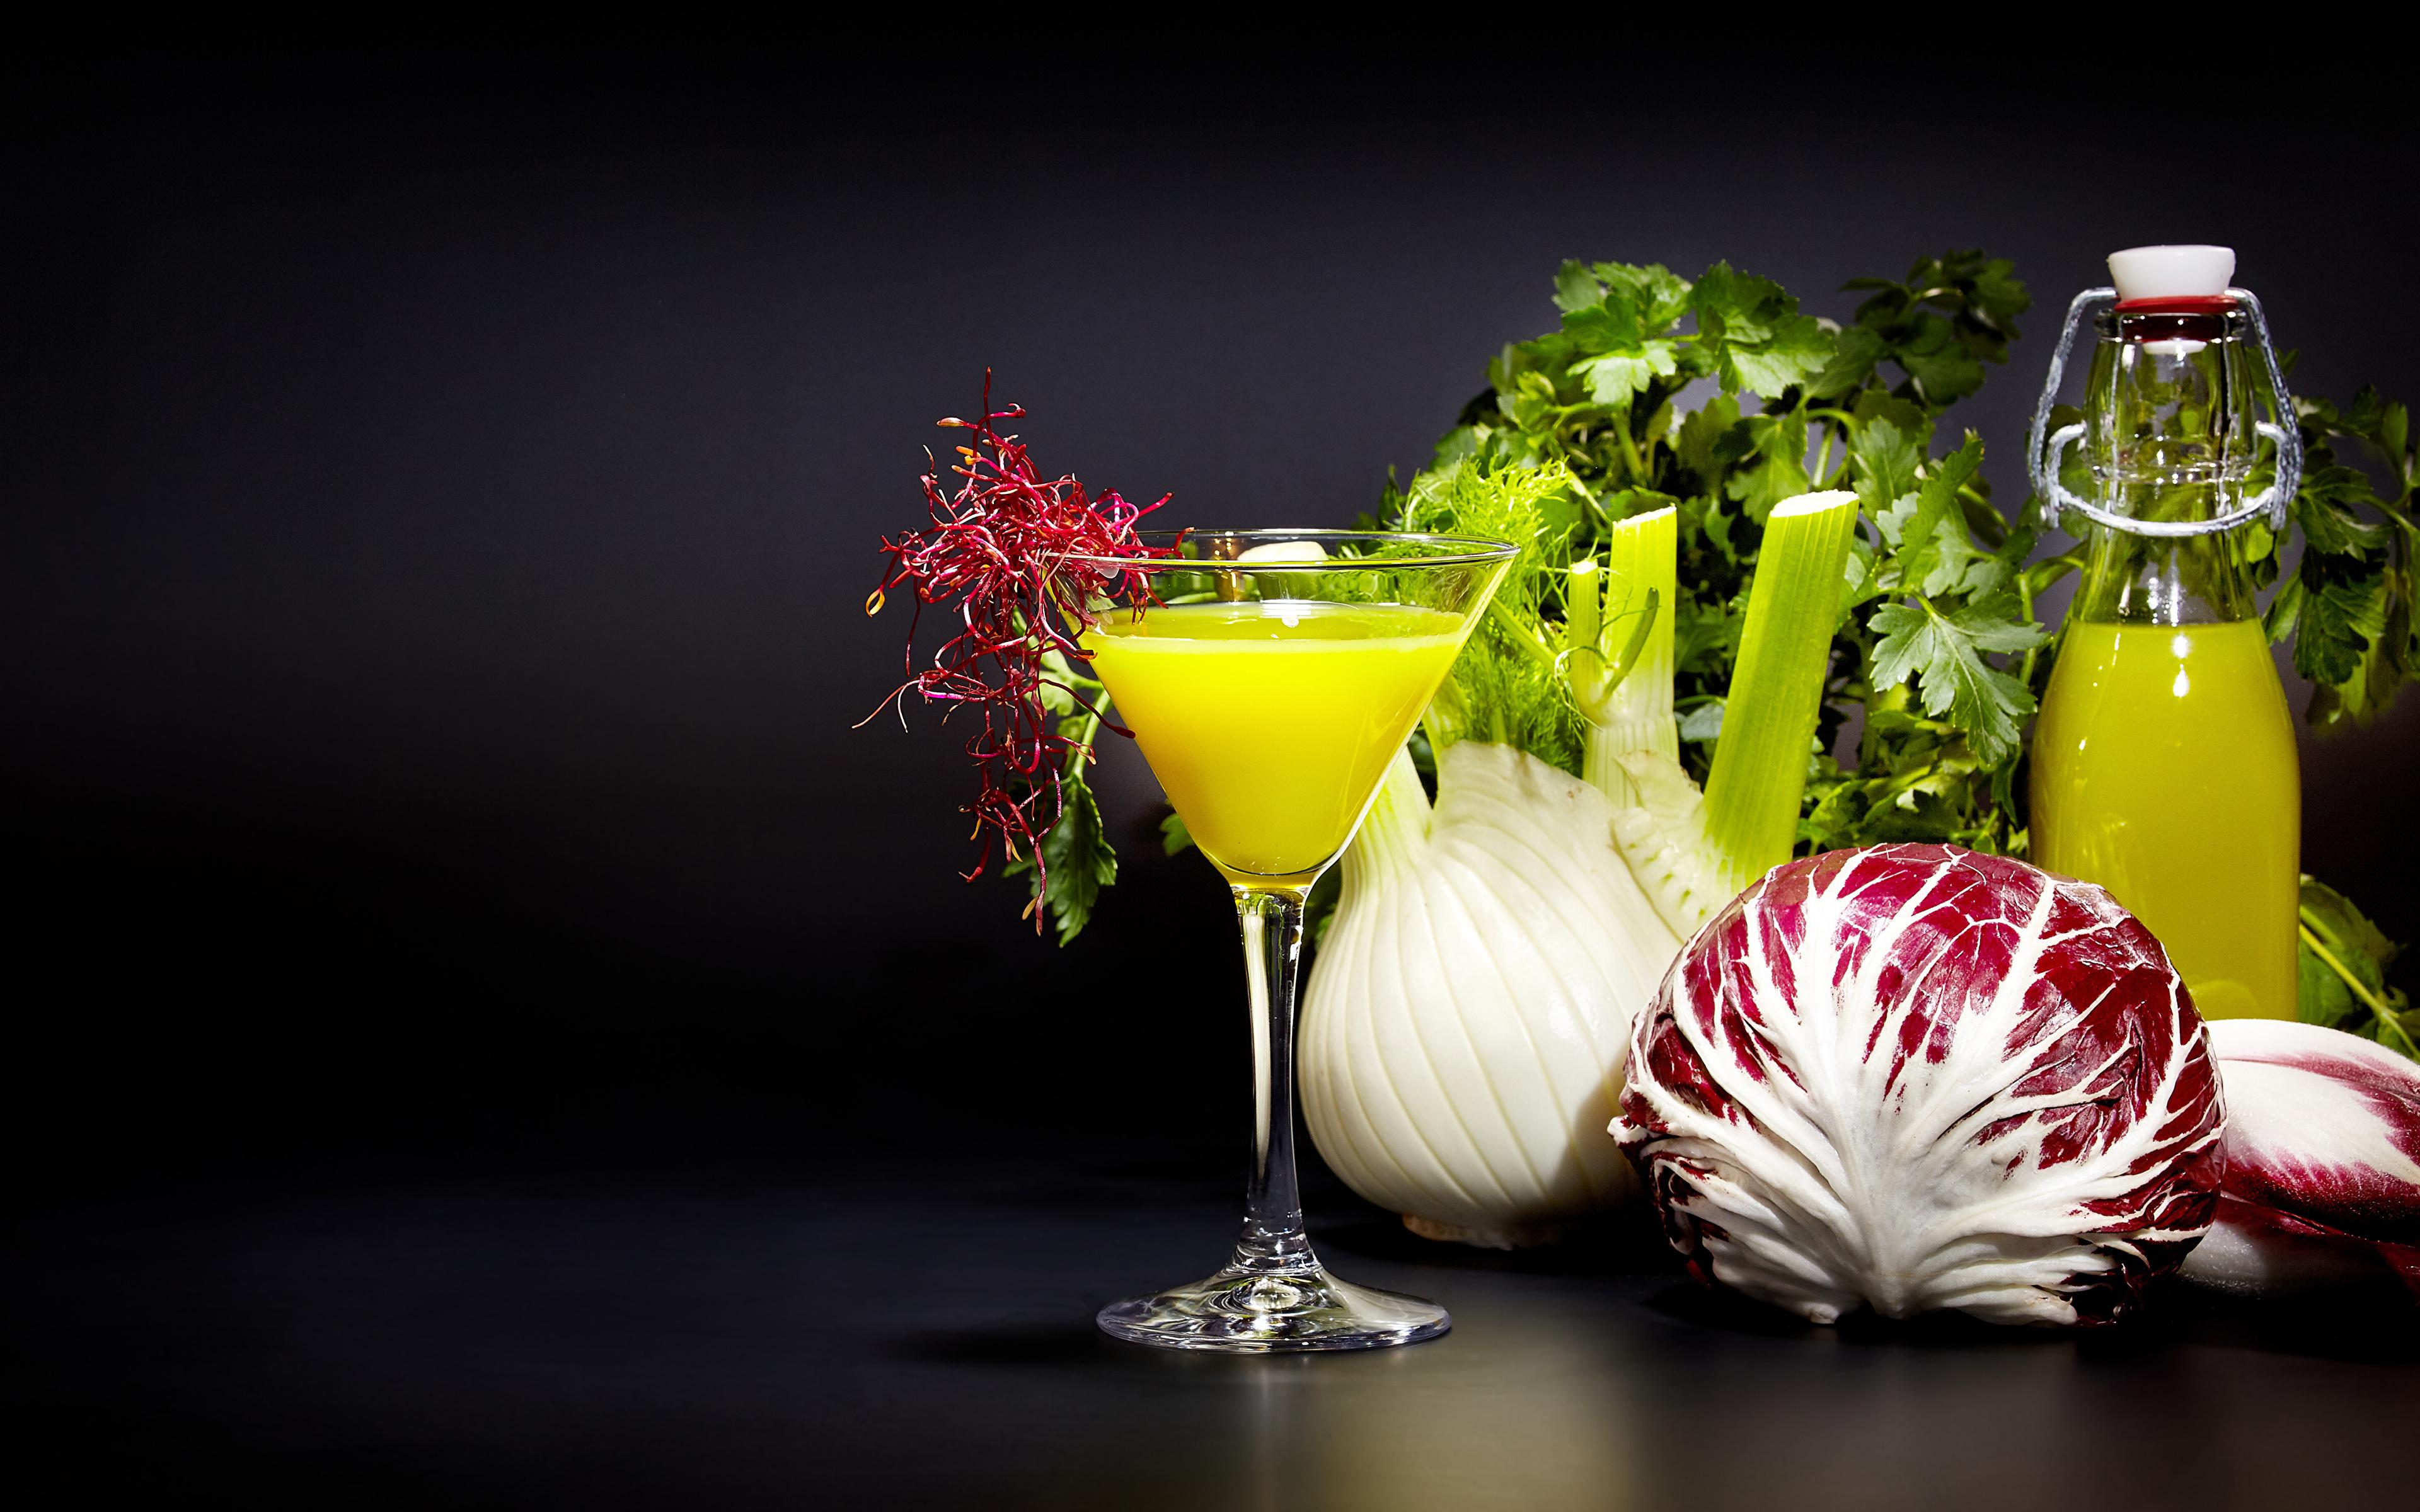 Foto Saft Gemüse Flasche Weinglas Lebensmittel 3840x2400 Fruchtsaft